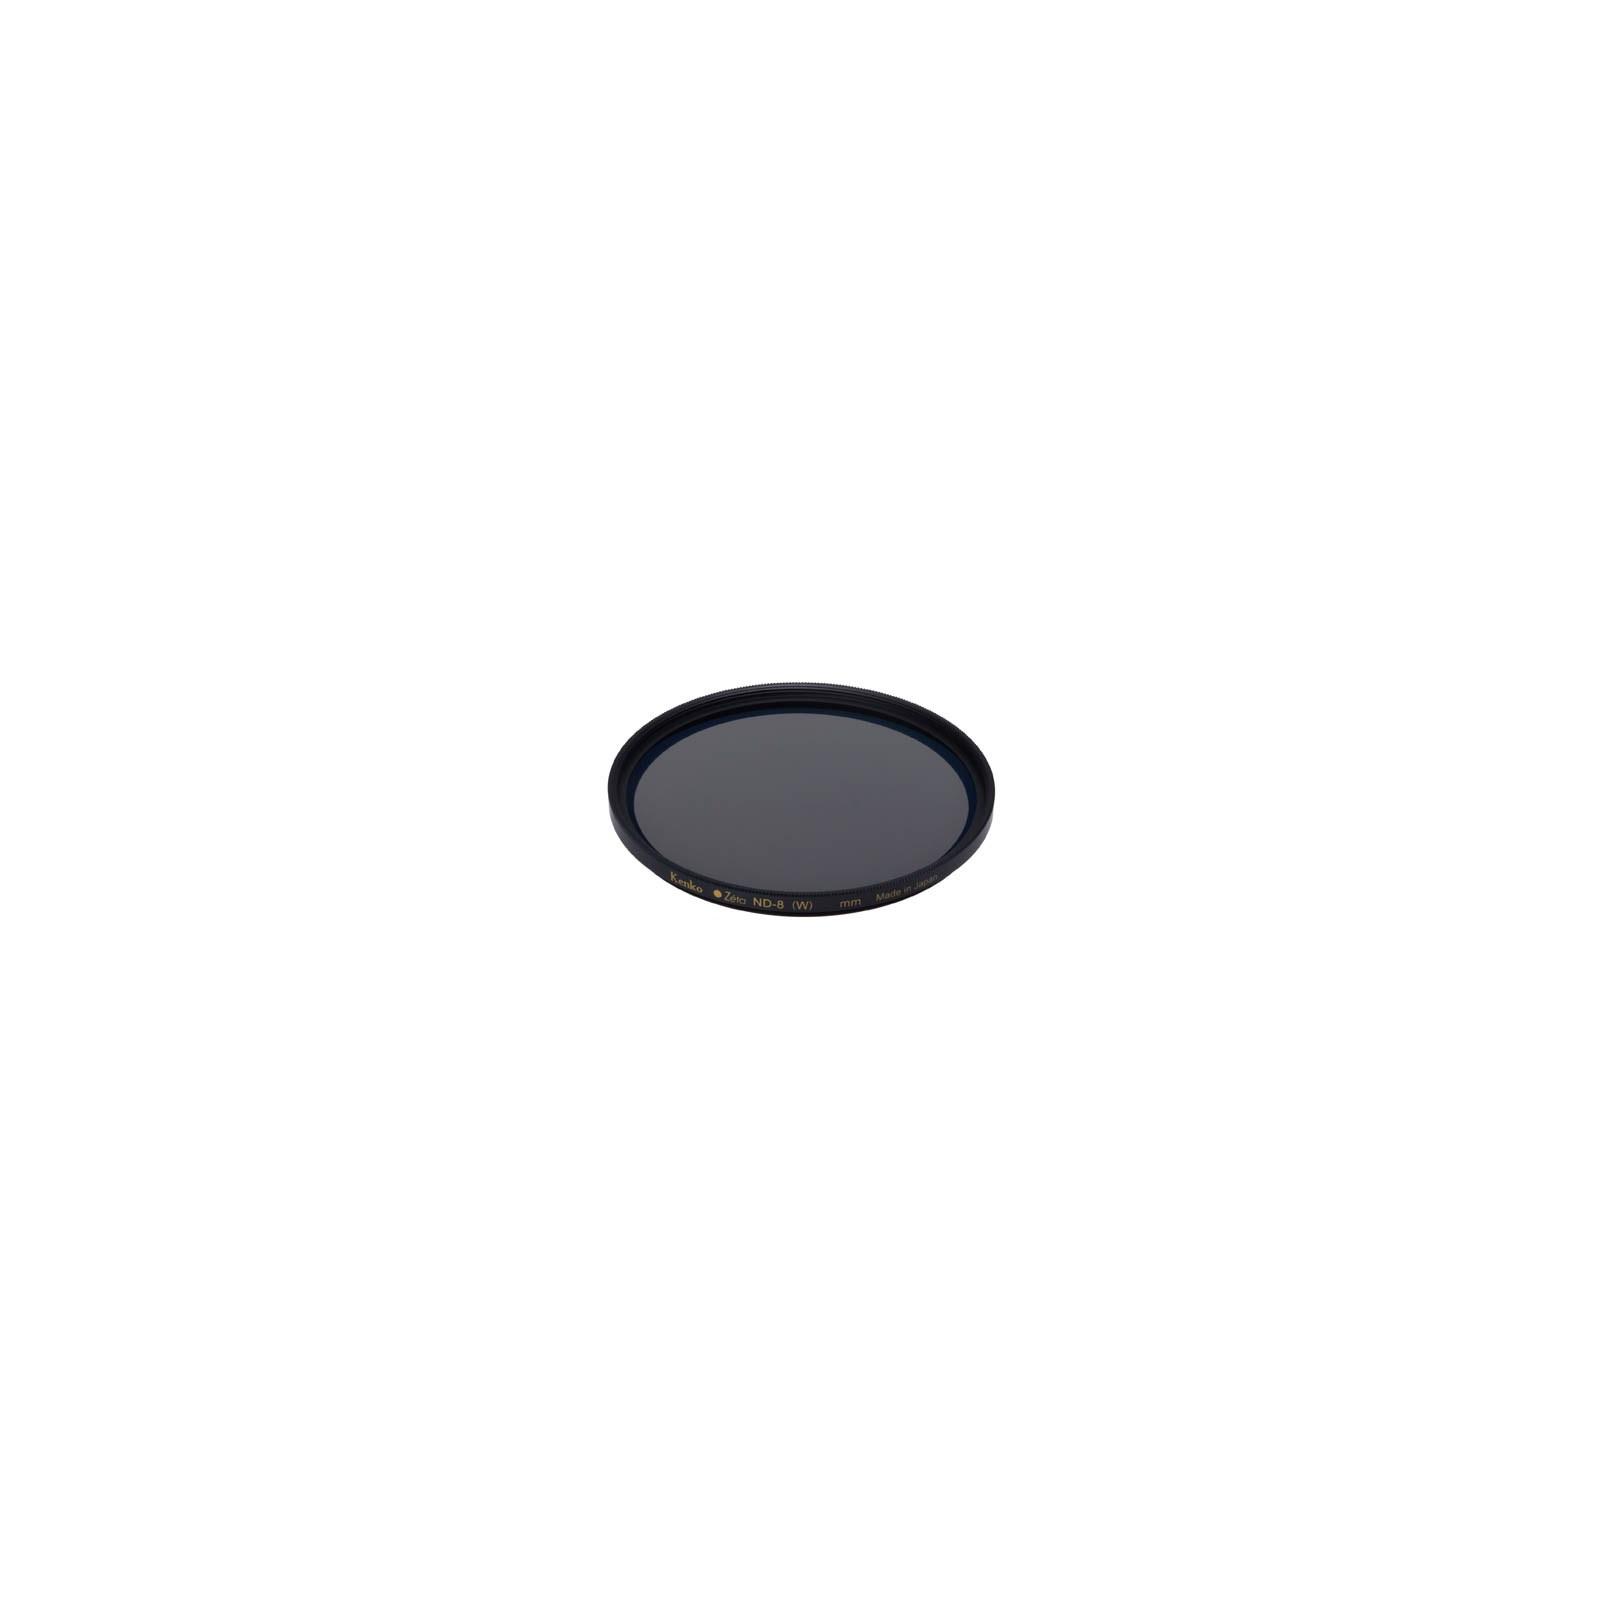 Светофильтр Kenko Zeta ND8 58mm (215856)